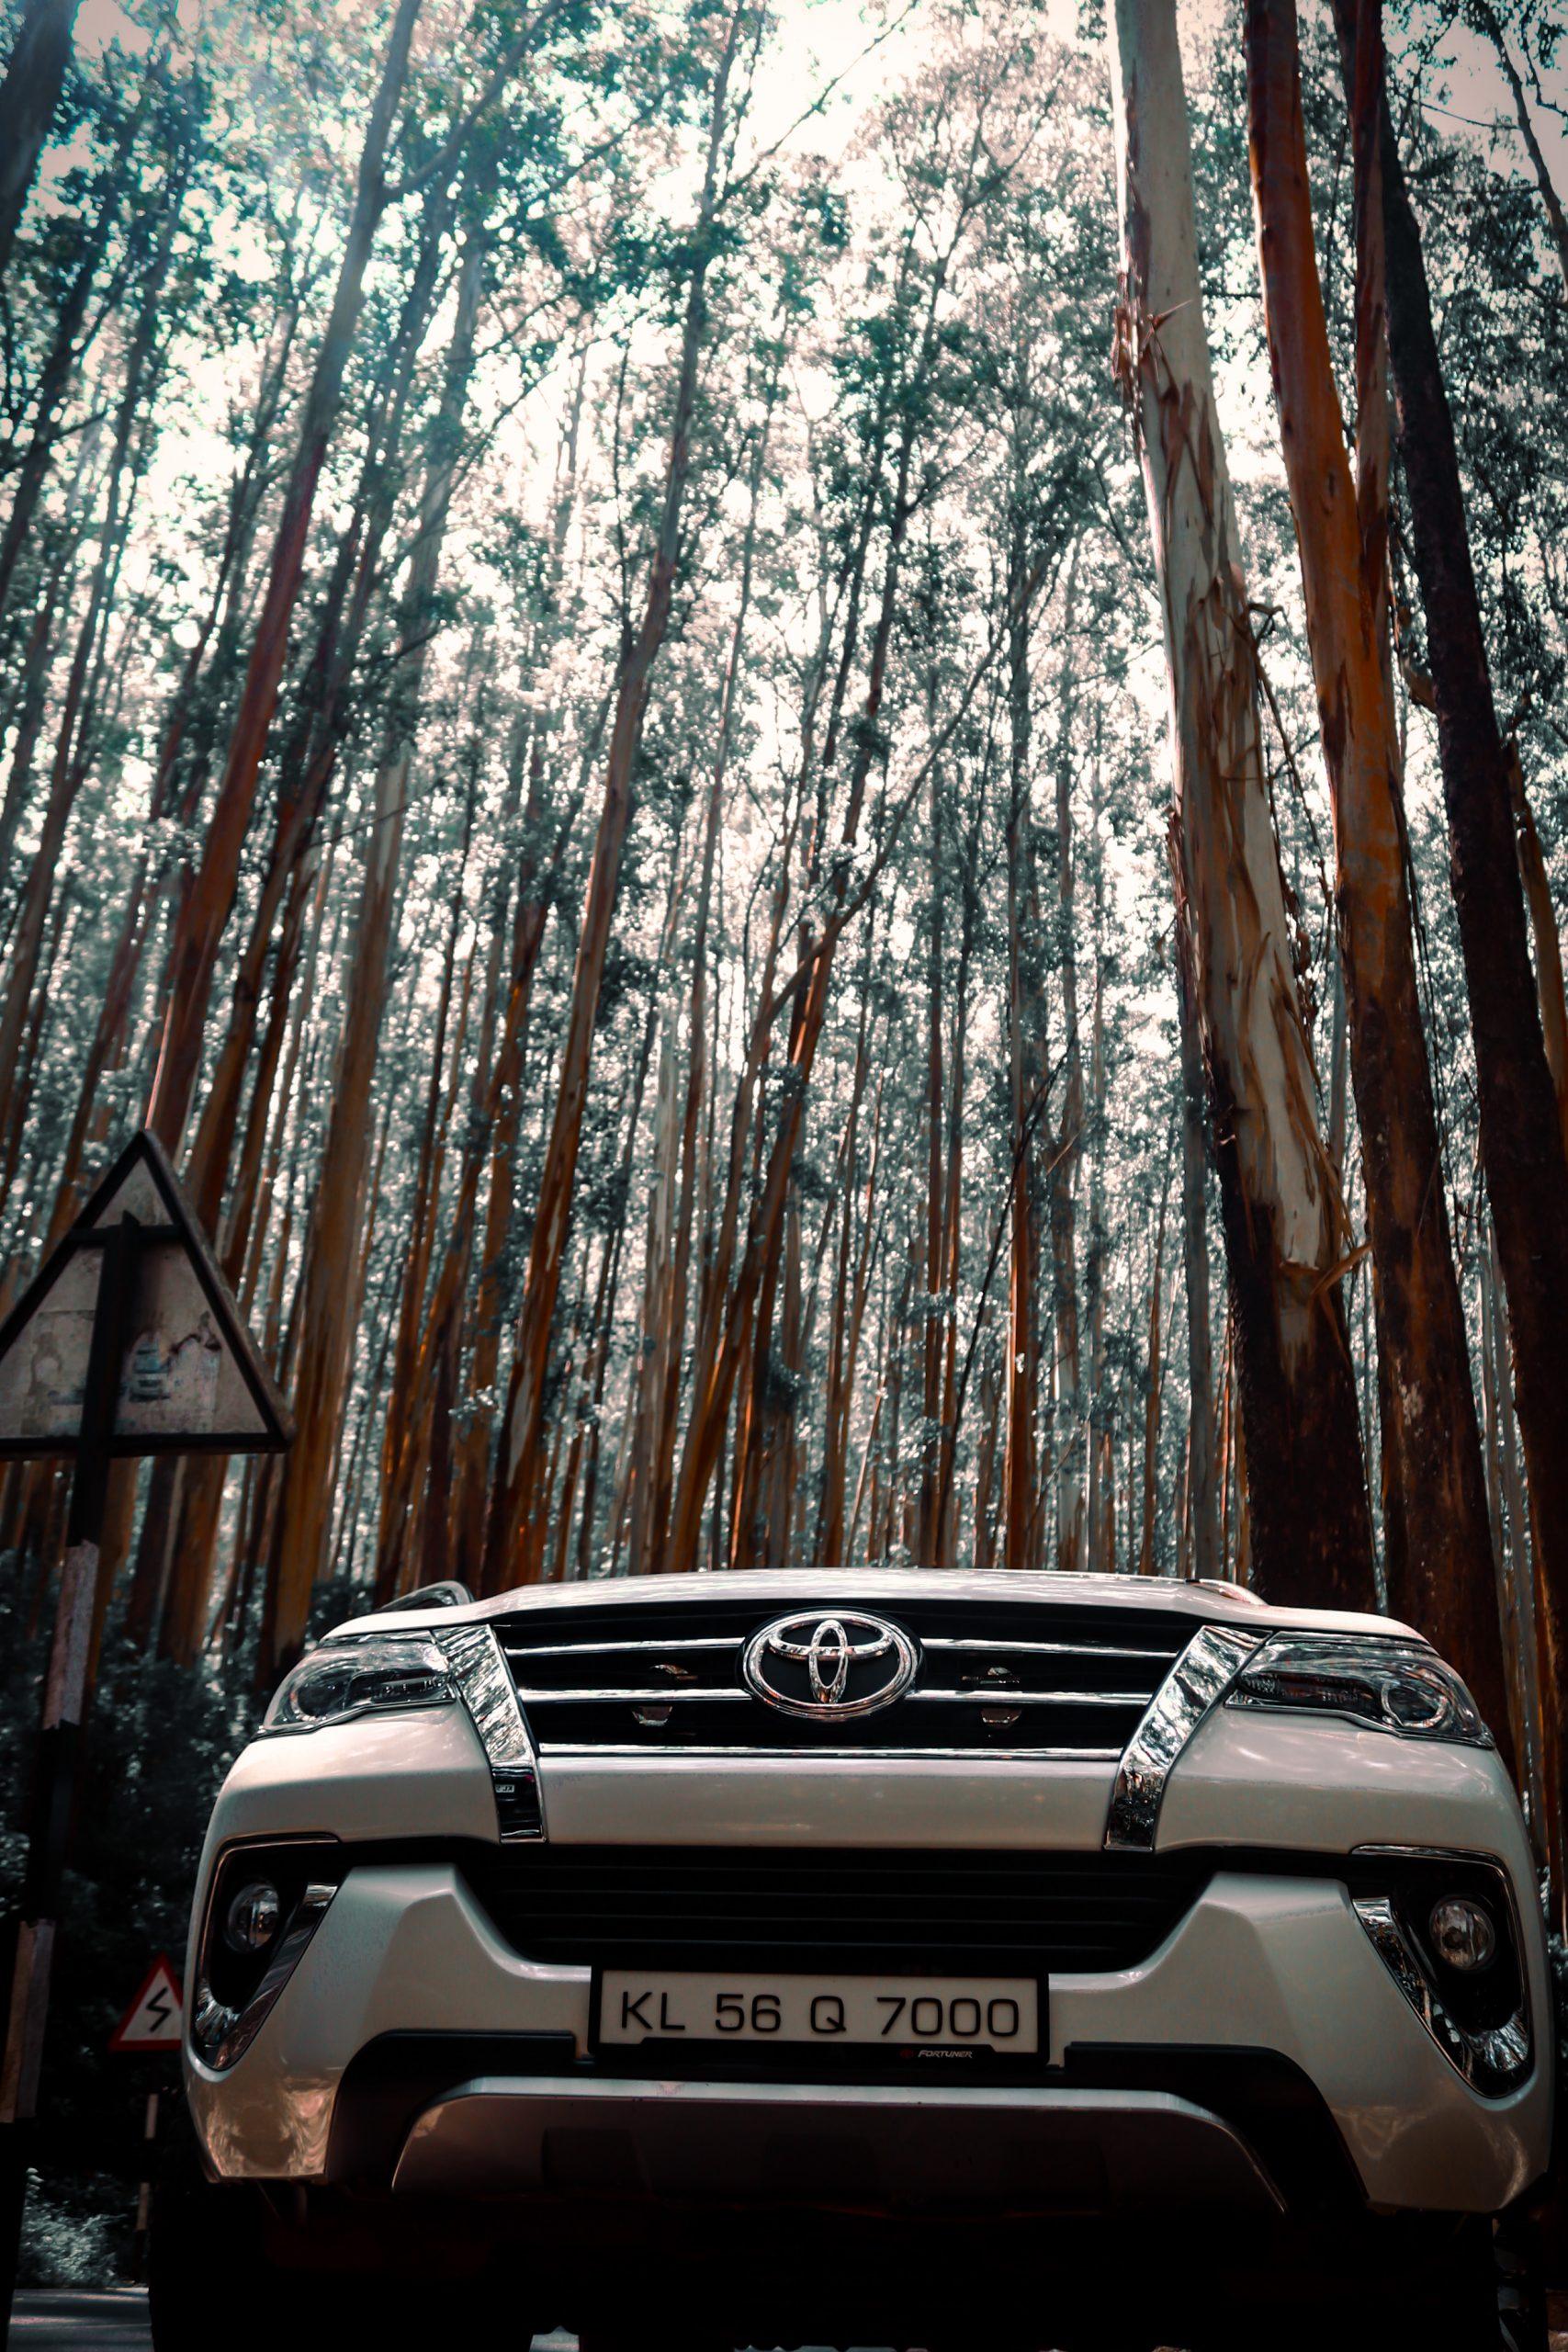 Fortuner car in a jungle